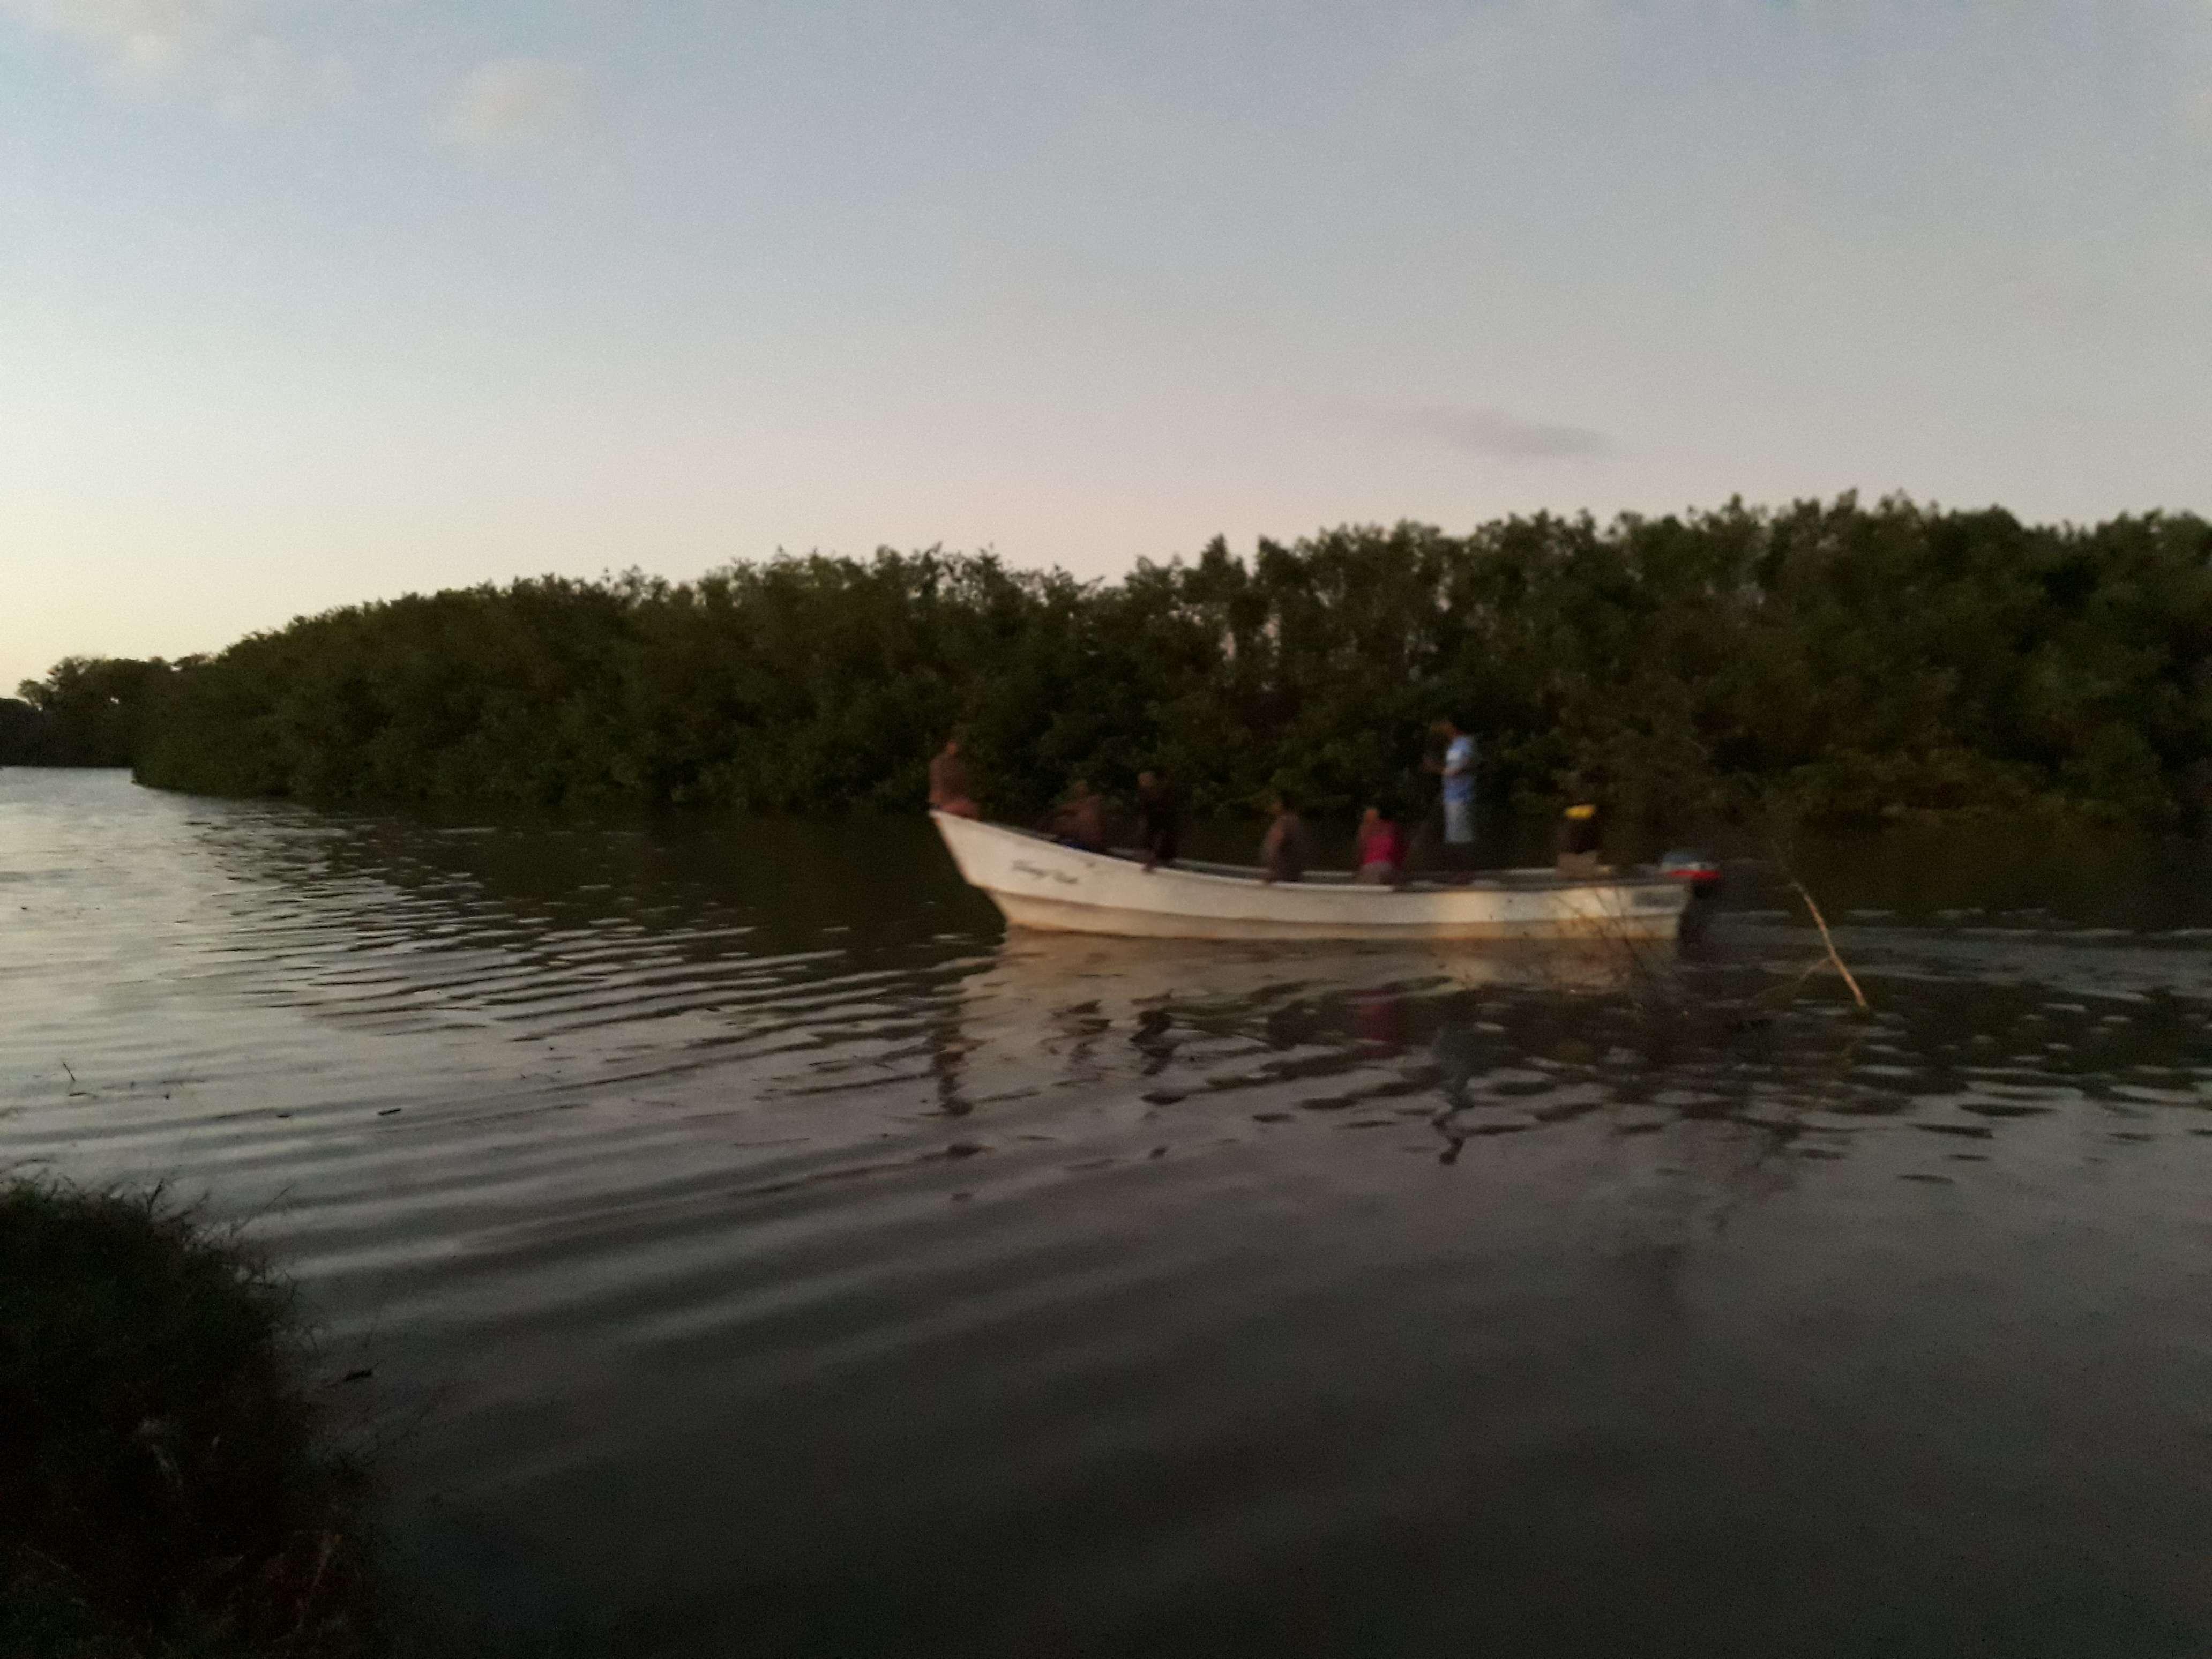 Miembros de la Fuerza de Tarea participaron en la búsqueda de la menor, apoyados con lanchas y trasmallos de pescadores locales y del Senan. / Foto: Thays Domínguez